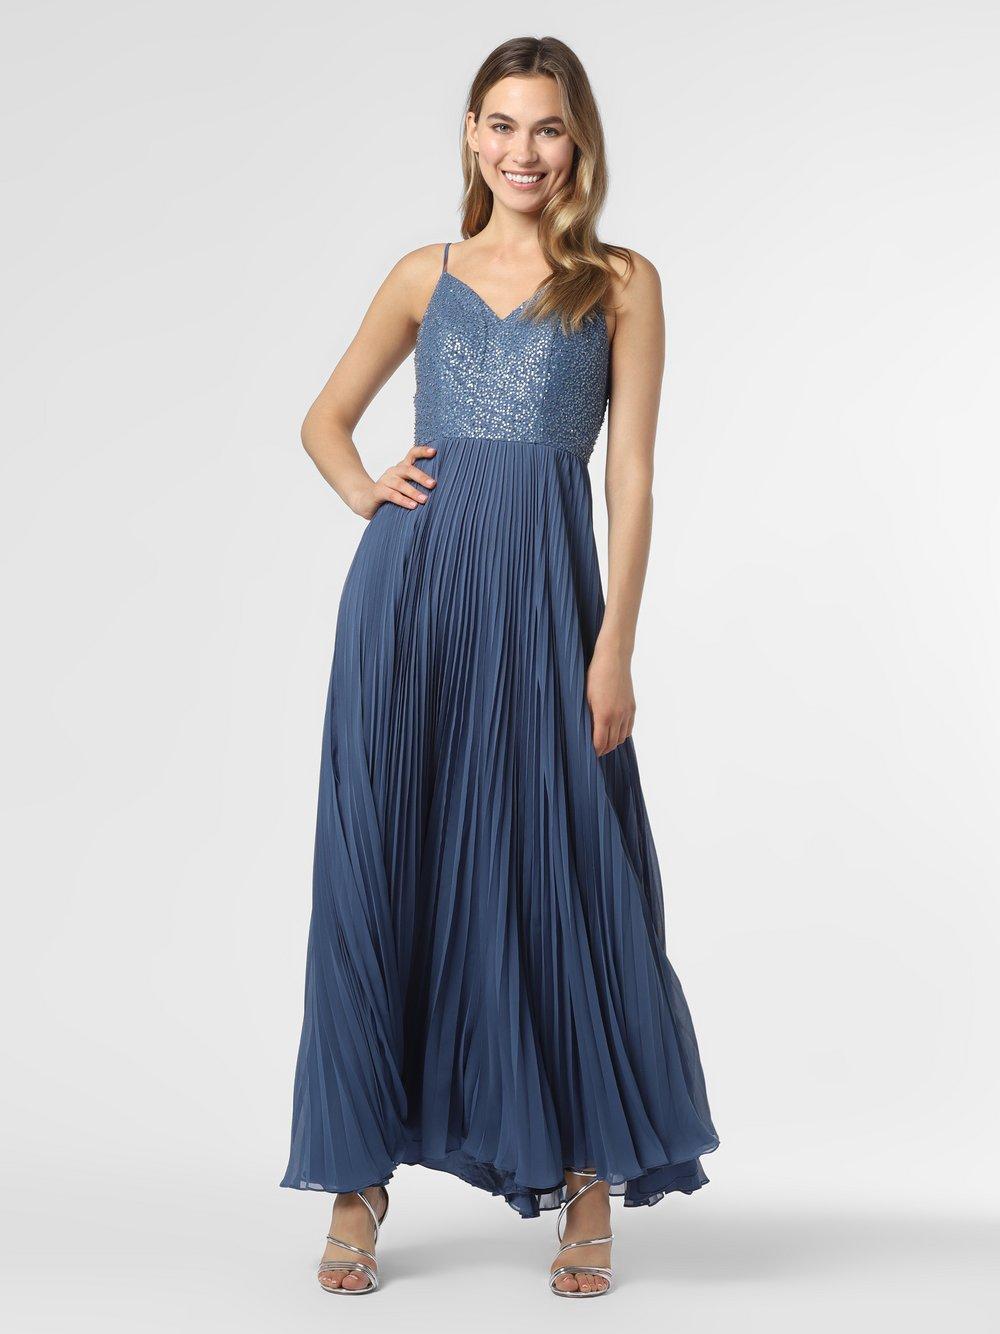 Laona – Damska sukienka wieczorowa, niebieski Van Graaf 484046-0001-00400